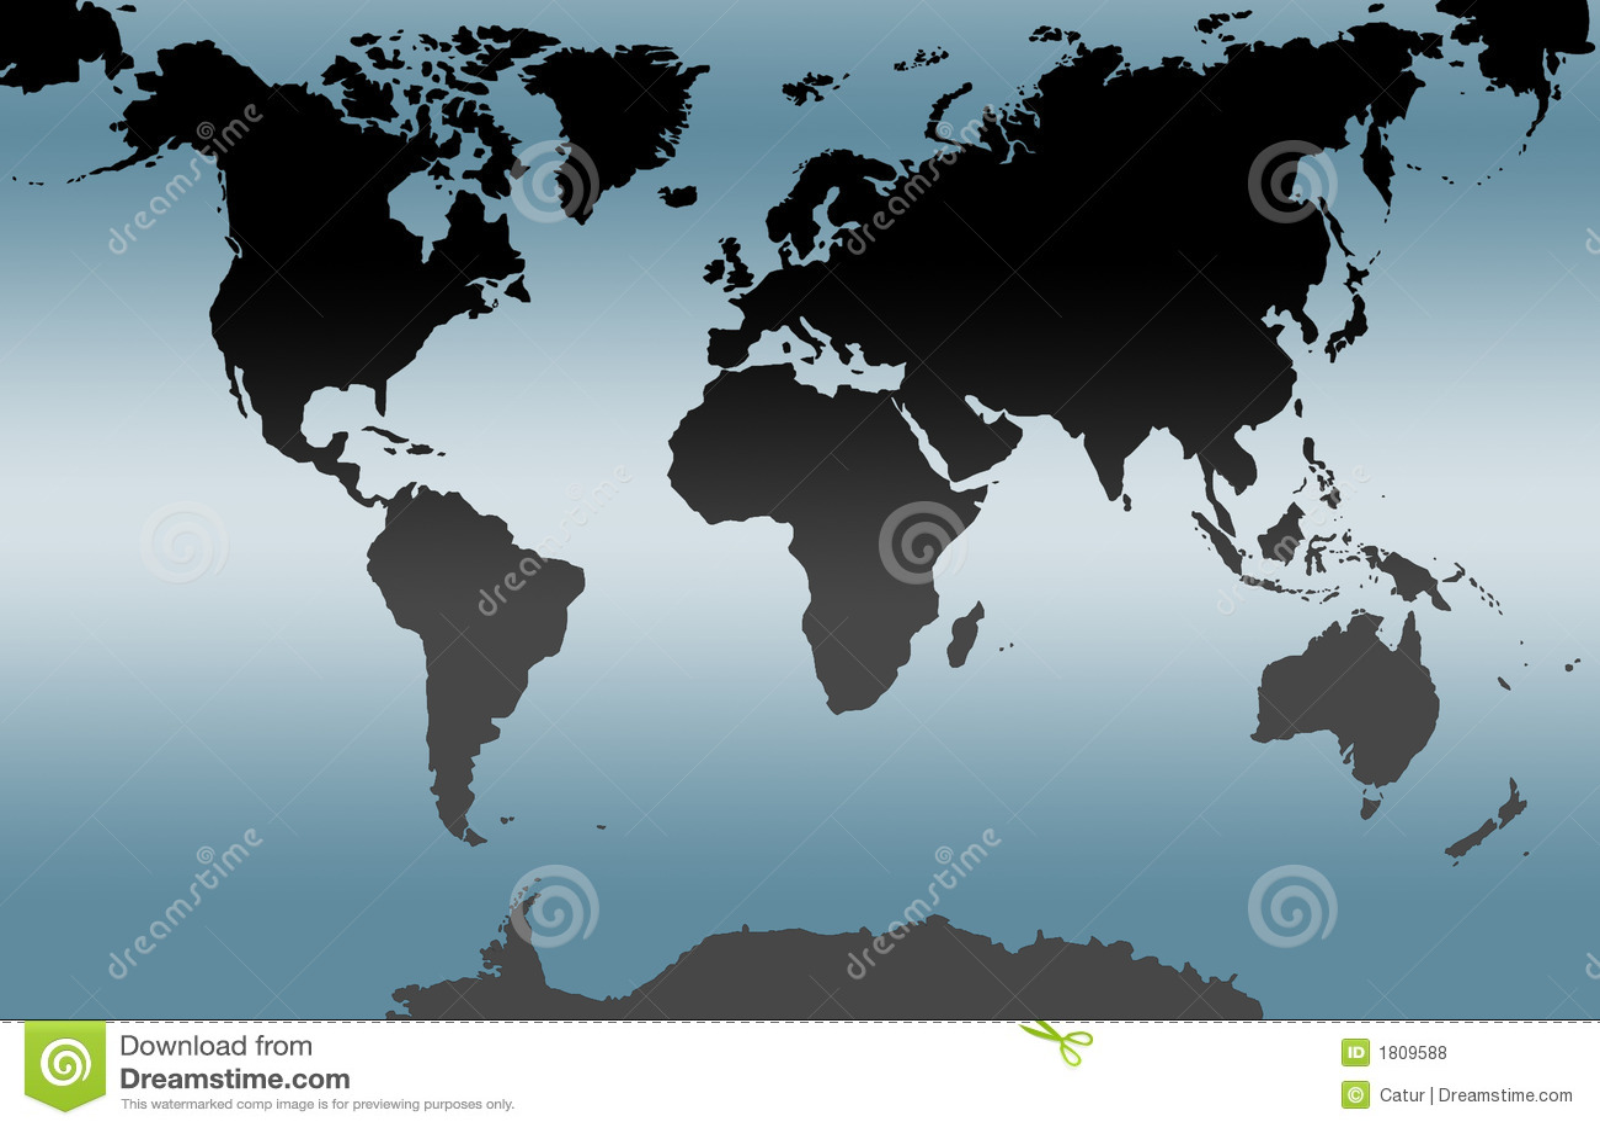 μπλε κόσμος χαρτών